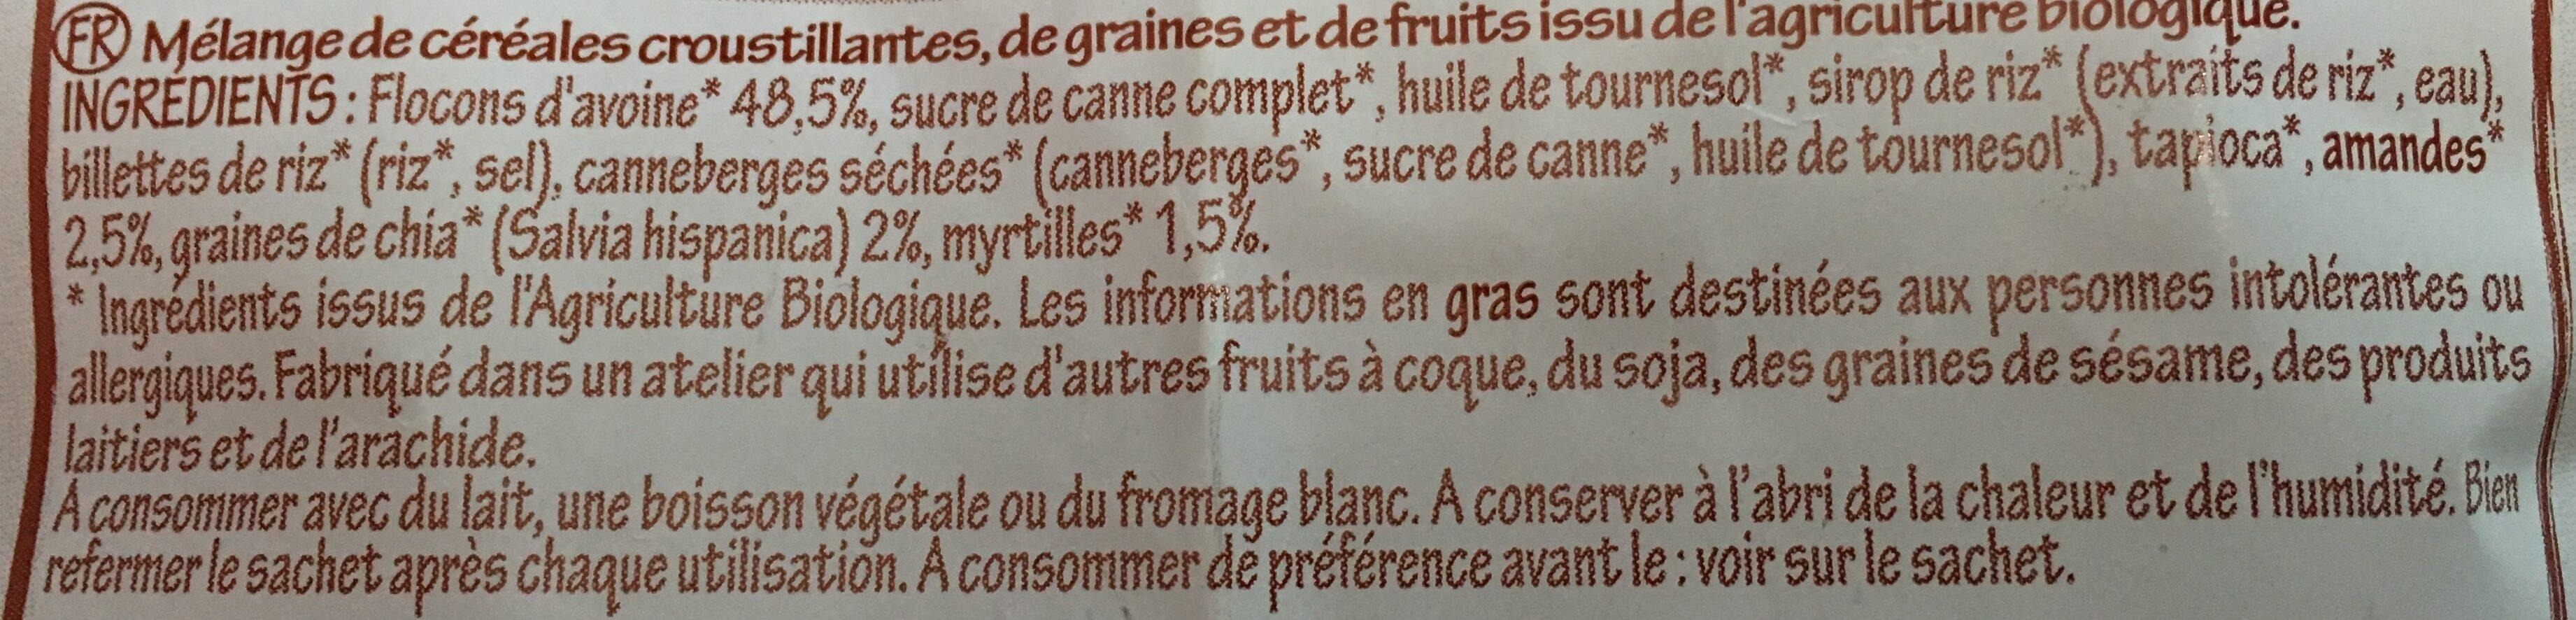 Krounchy Chia Myrtille Avoine (500 GR) - Ingrediënten